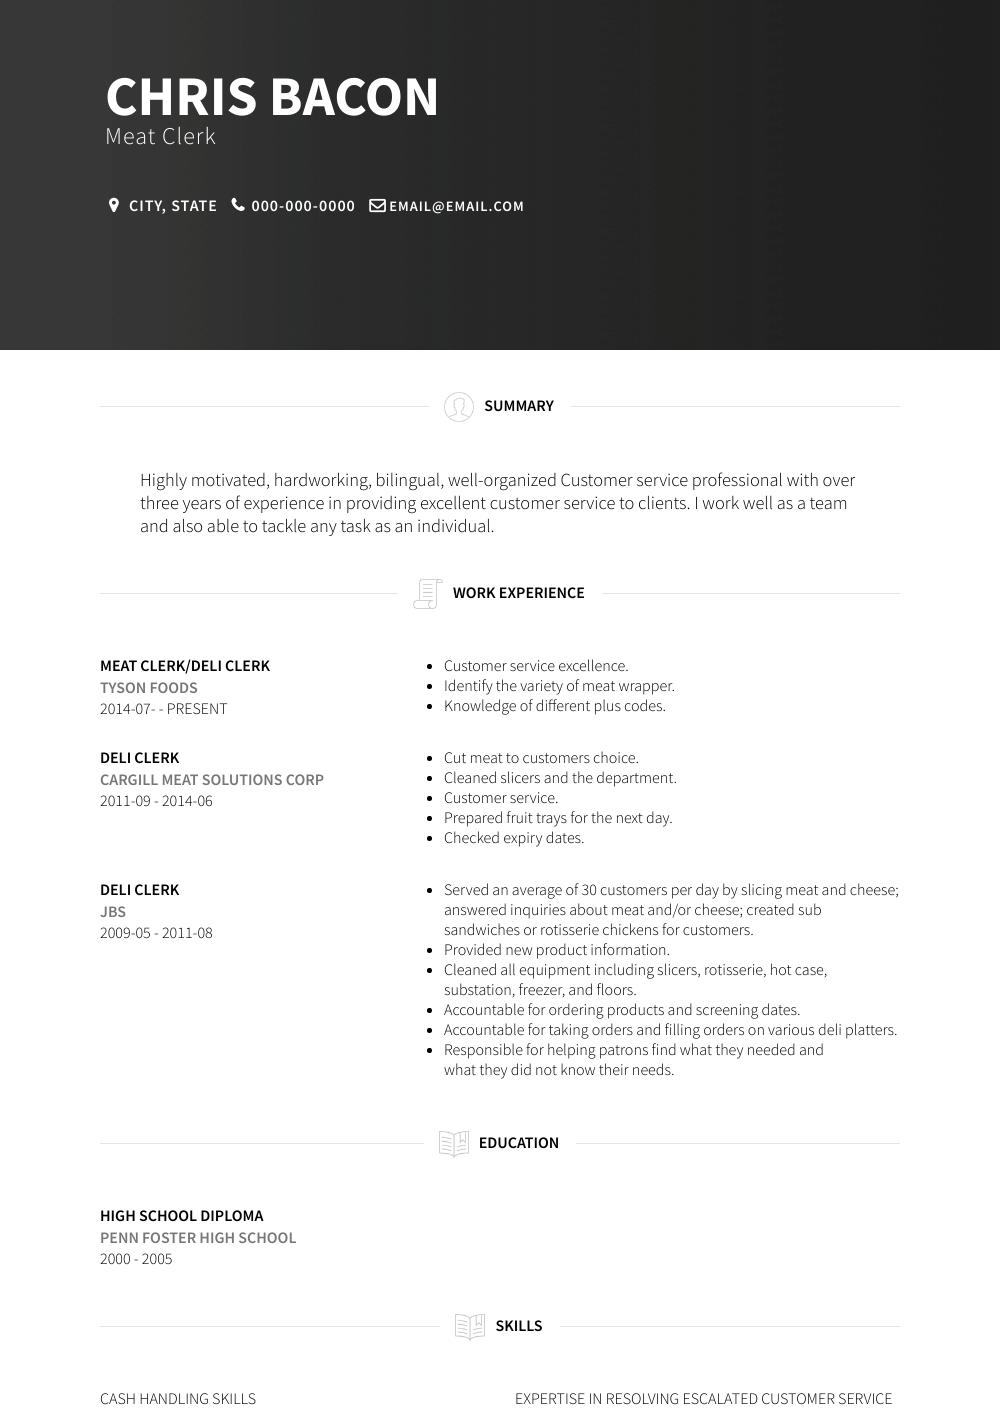 Meat Clerk Resume Sample